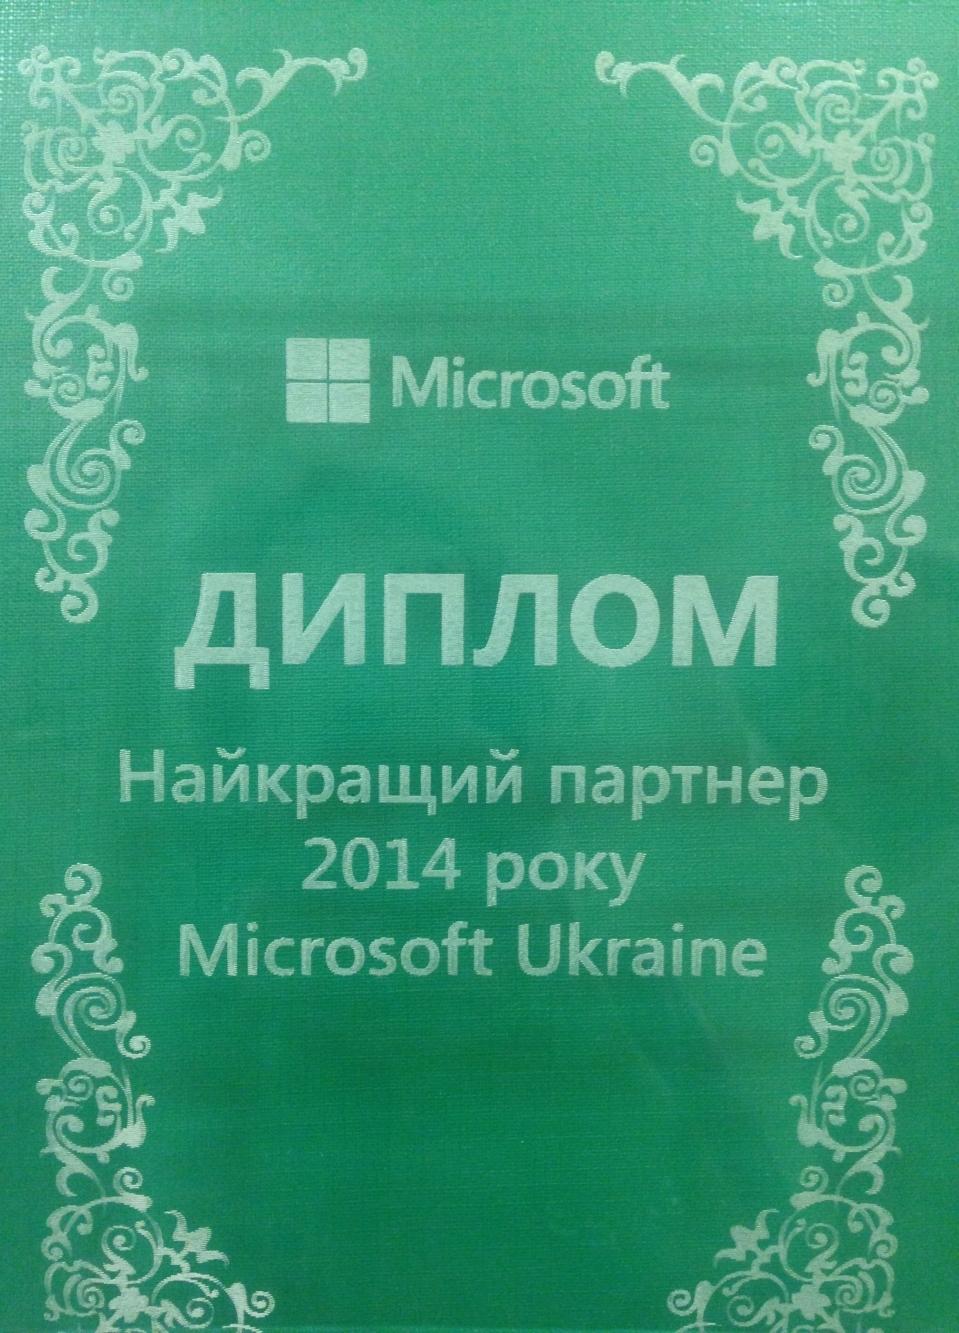 Компания OntargIT лучший партнер 2014 года Microsoft Украина